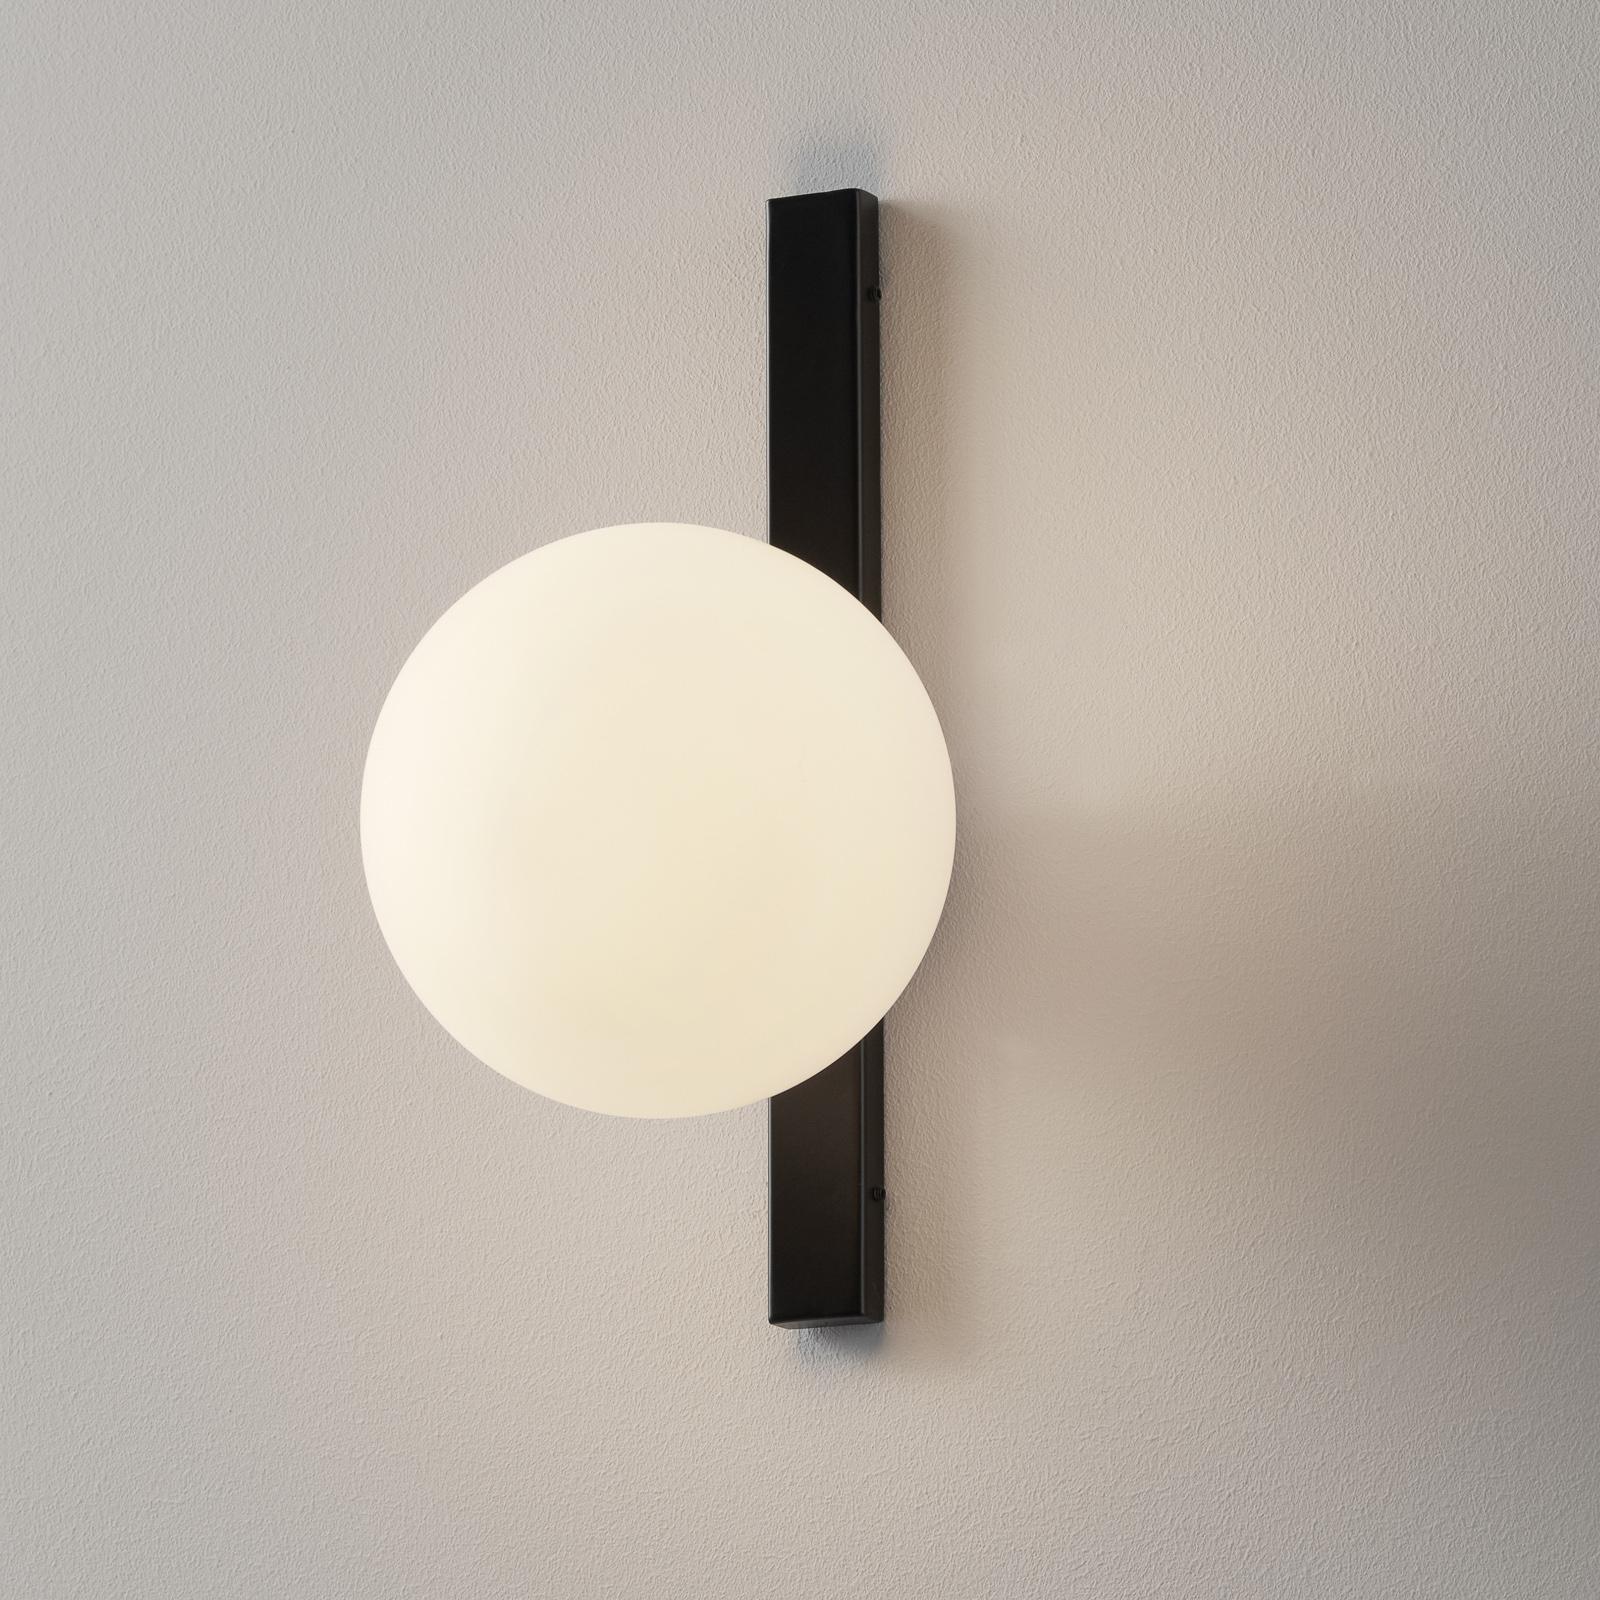 Aplique Enoire en blanco y negro, 1 luz